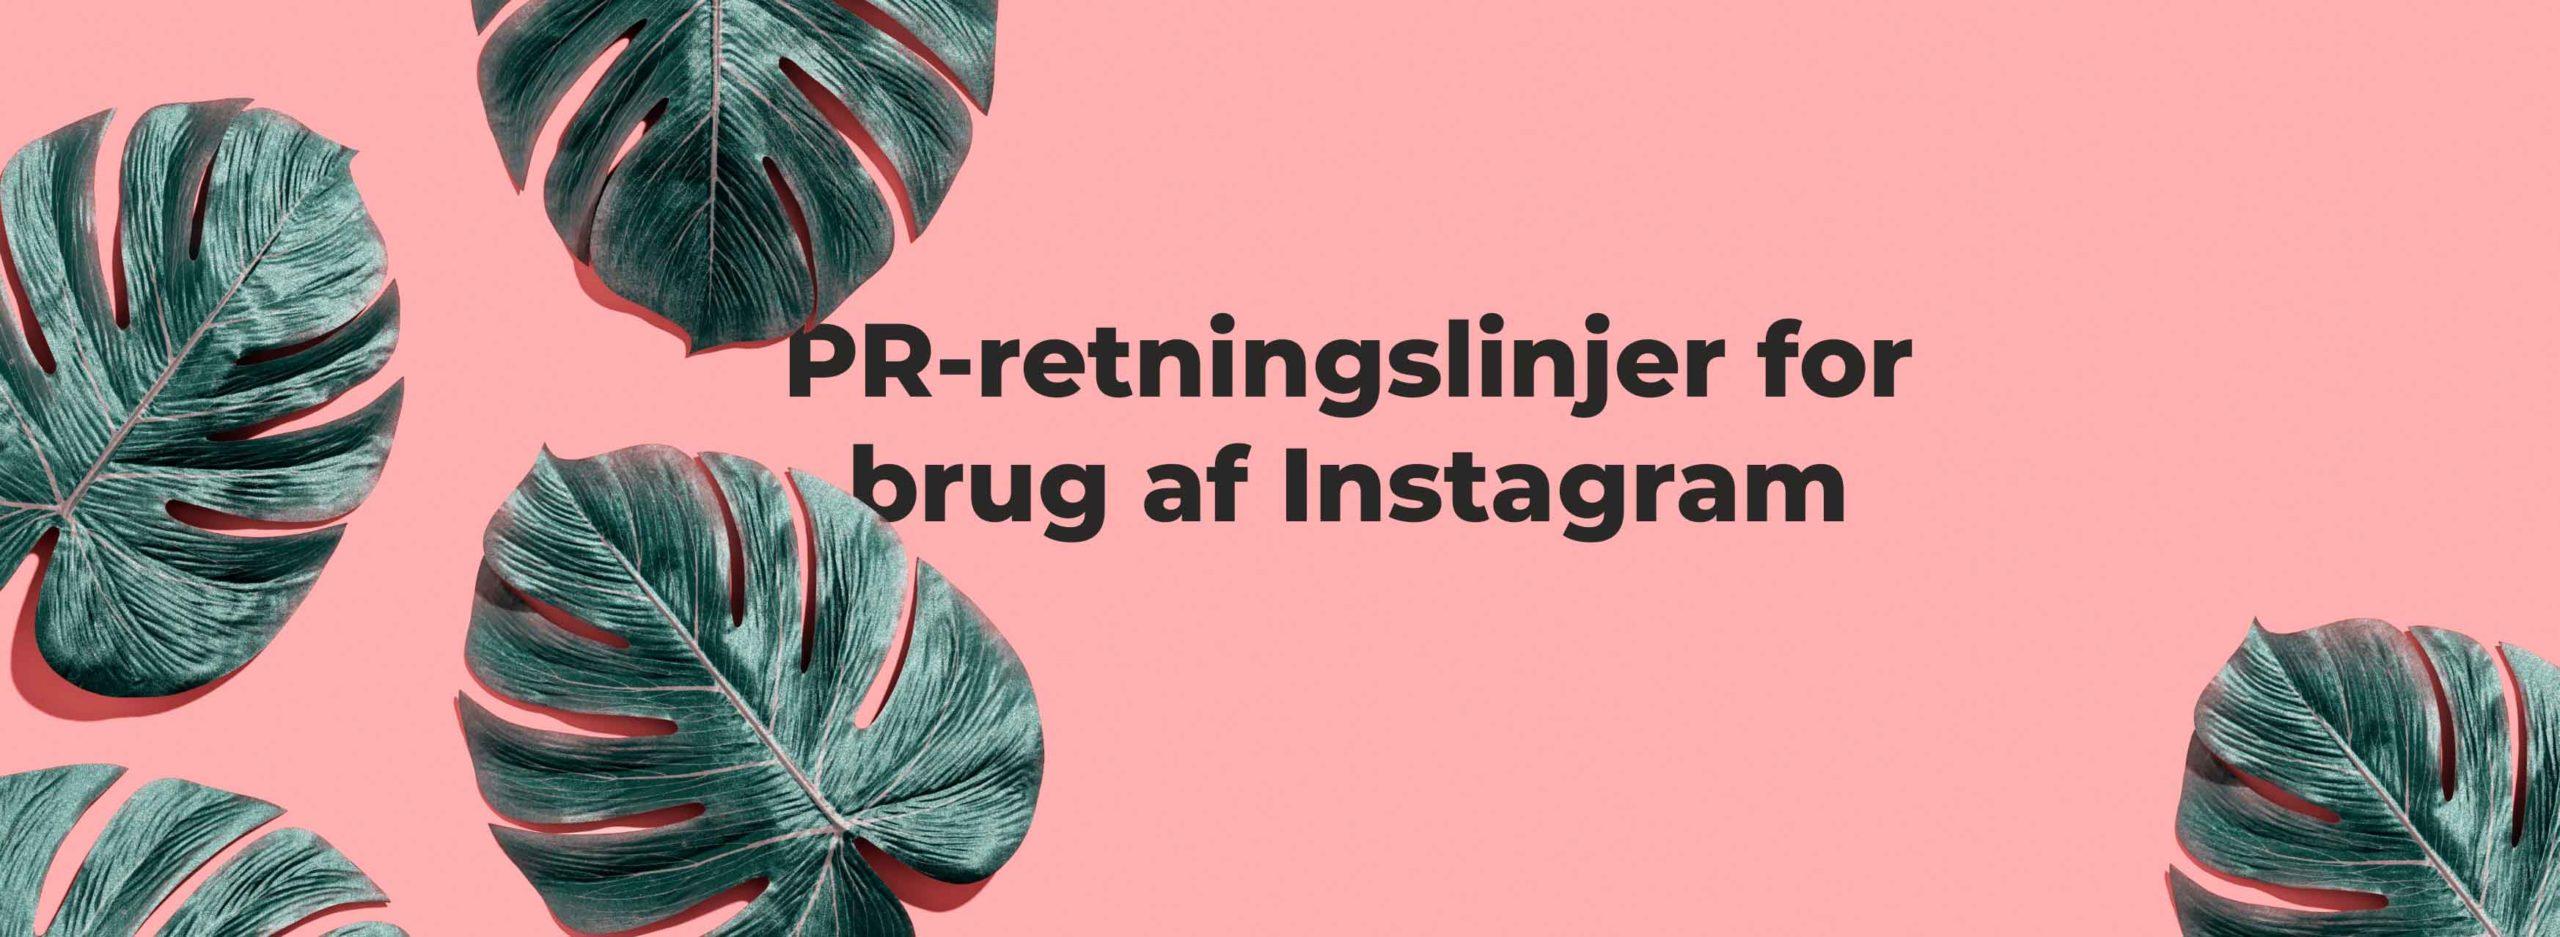 PR-retningslinjer for brug af Instagram